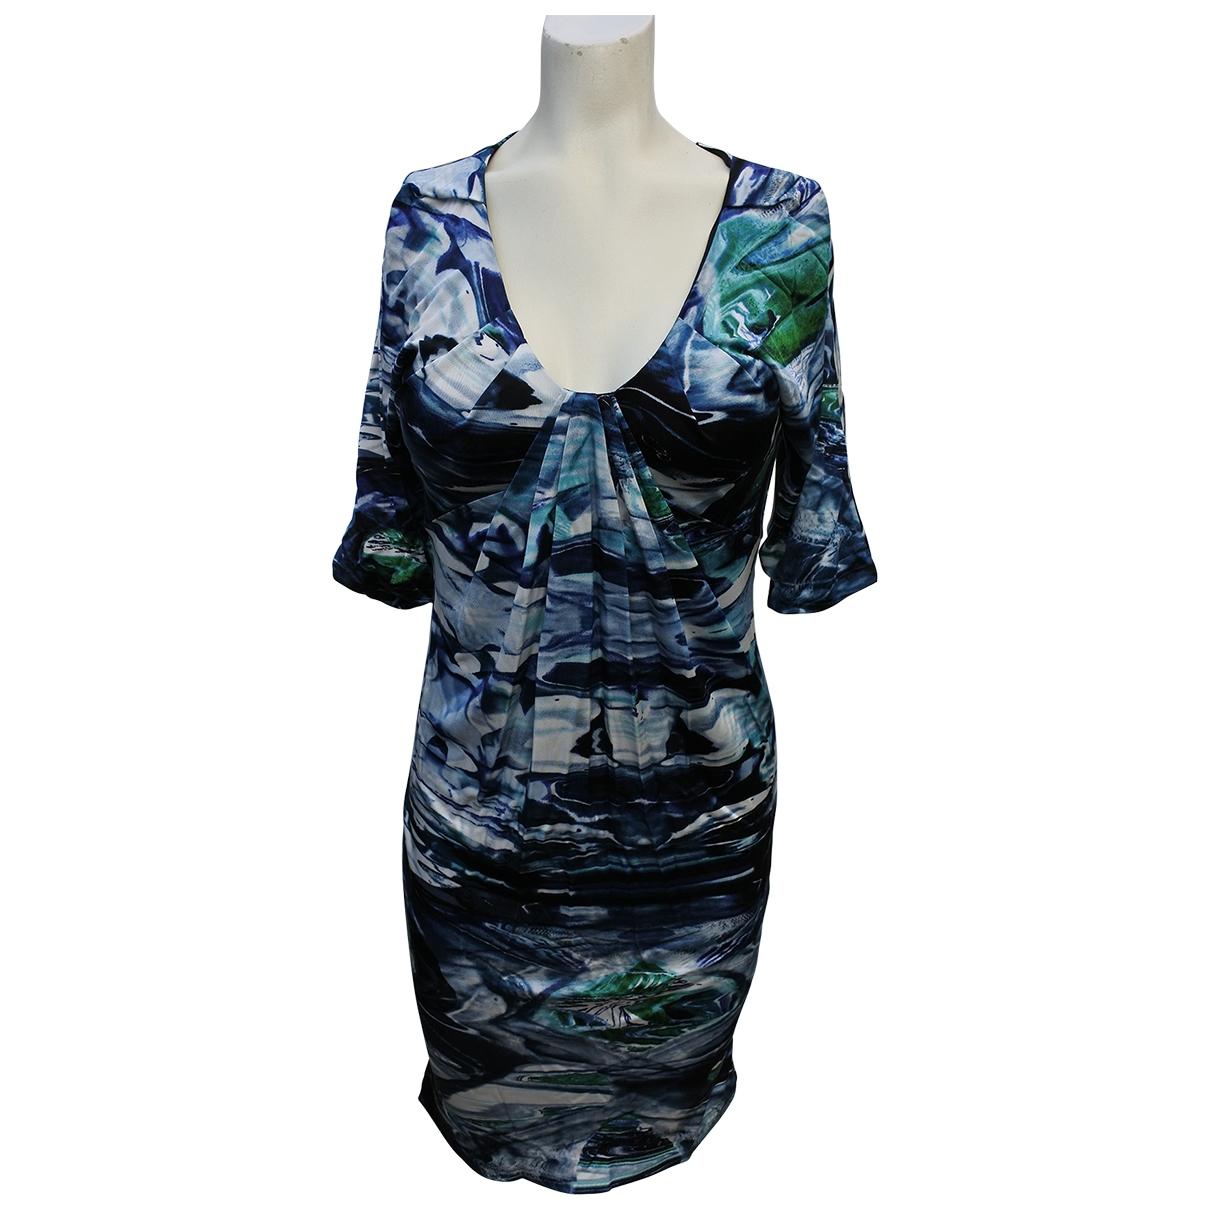 Karen Millen \N Kleid in  Bunt Synthetik